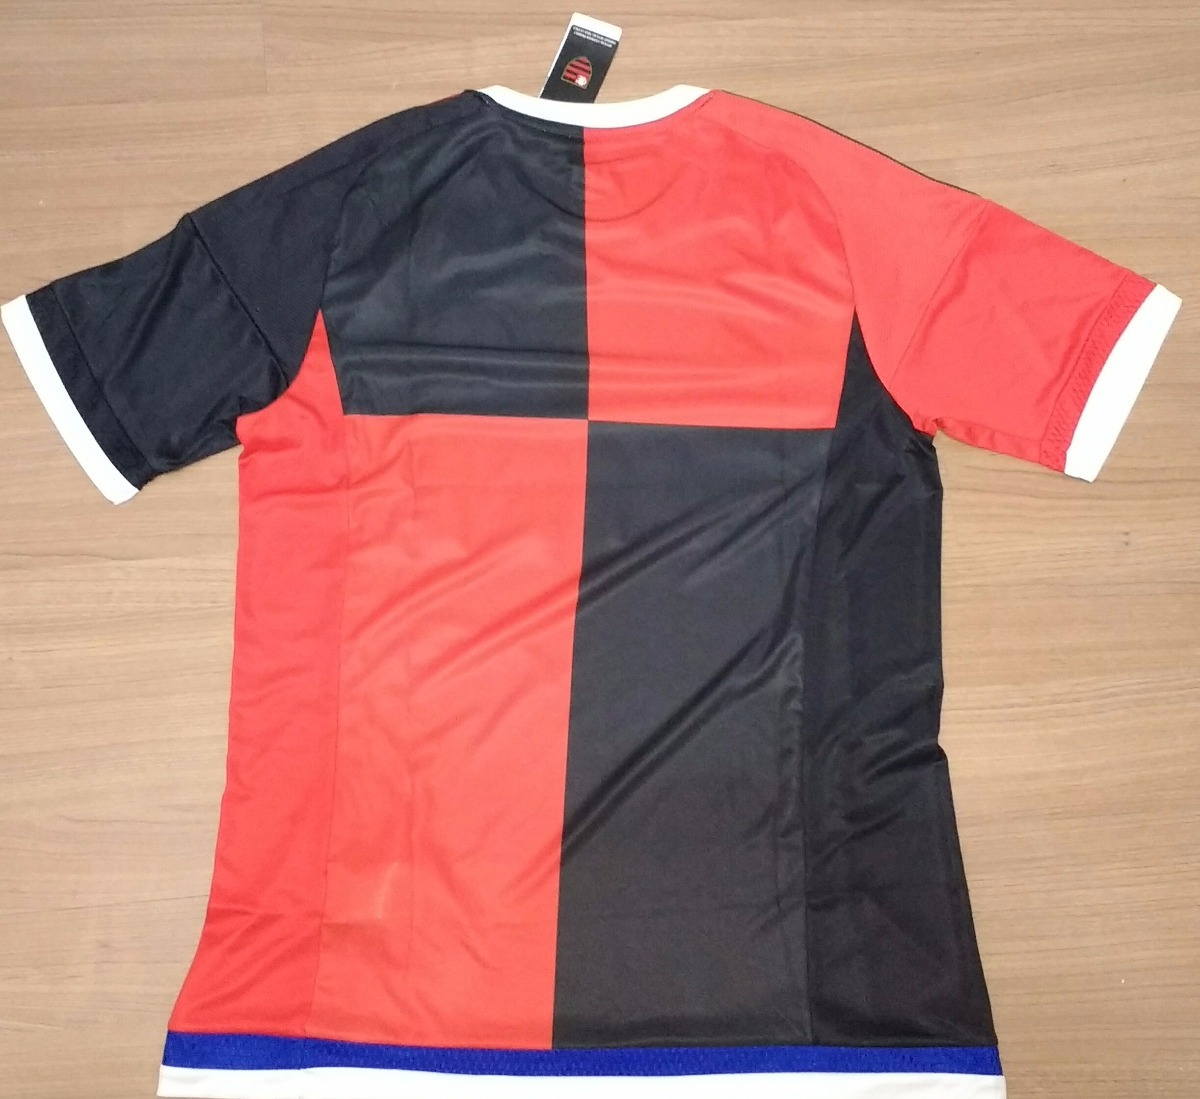 camisa flamengo 450 anos rj original 100% adidas 2015 - 19. Carregando zoom. d37744be59da8